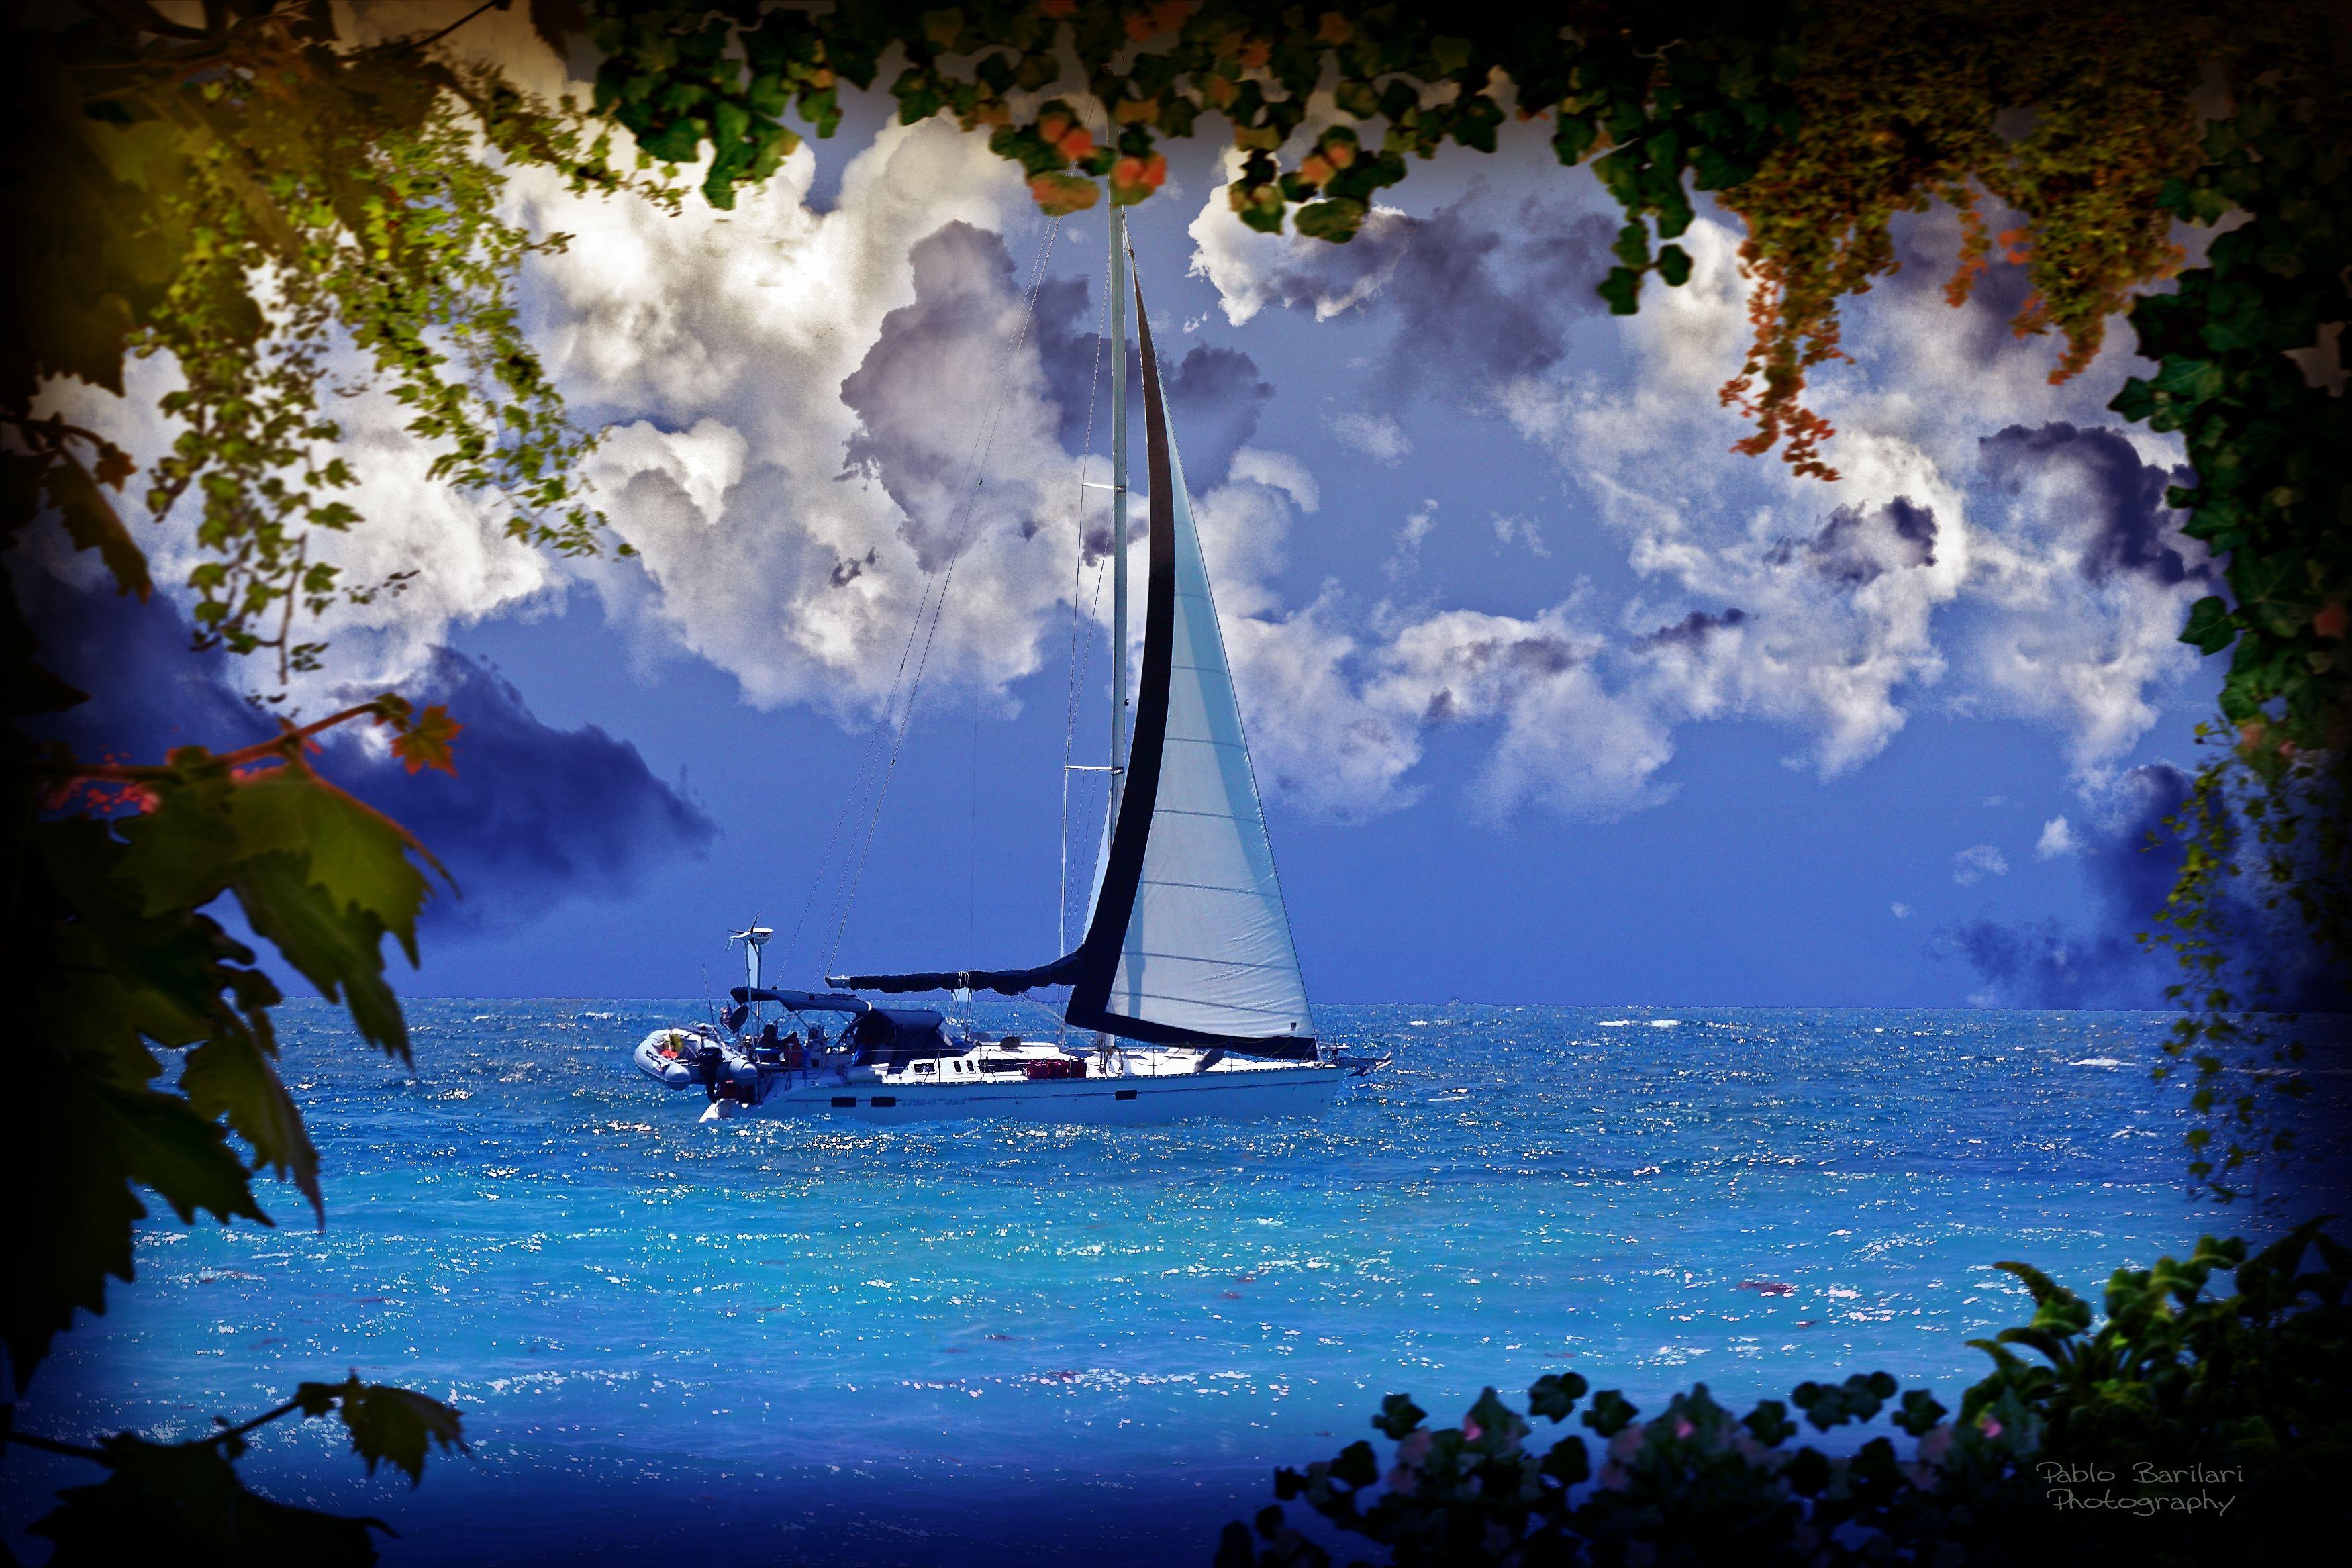 Sailing Glow